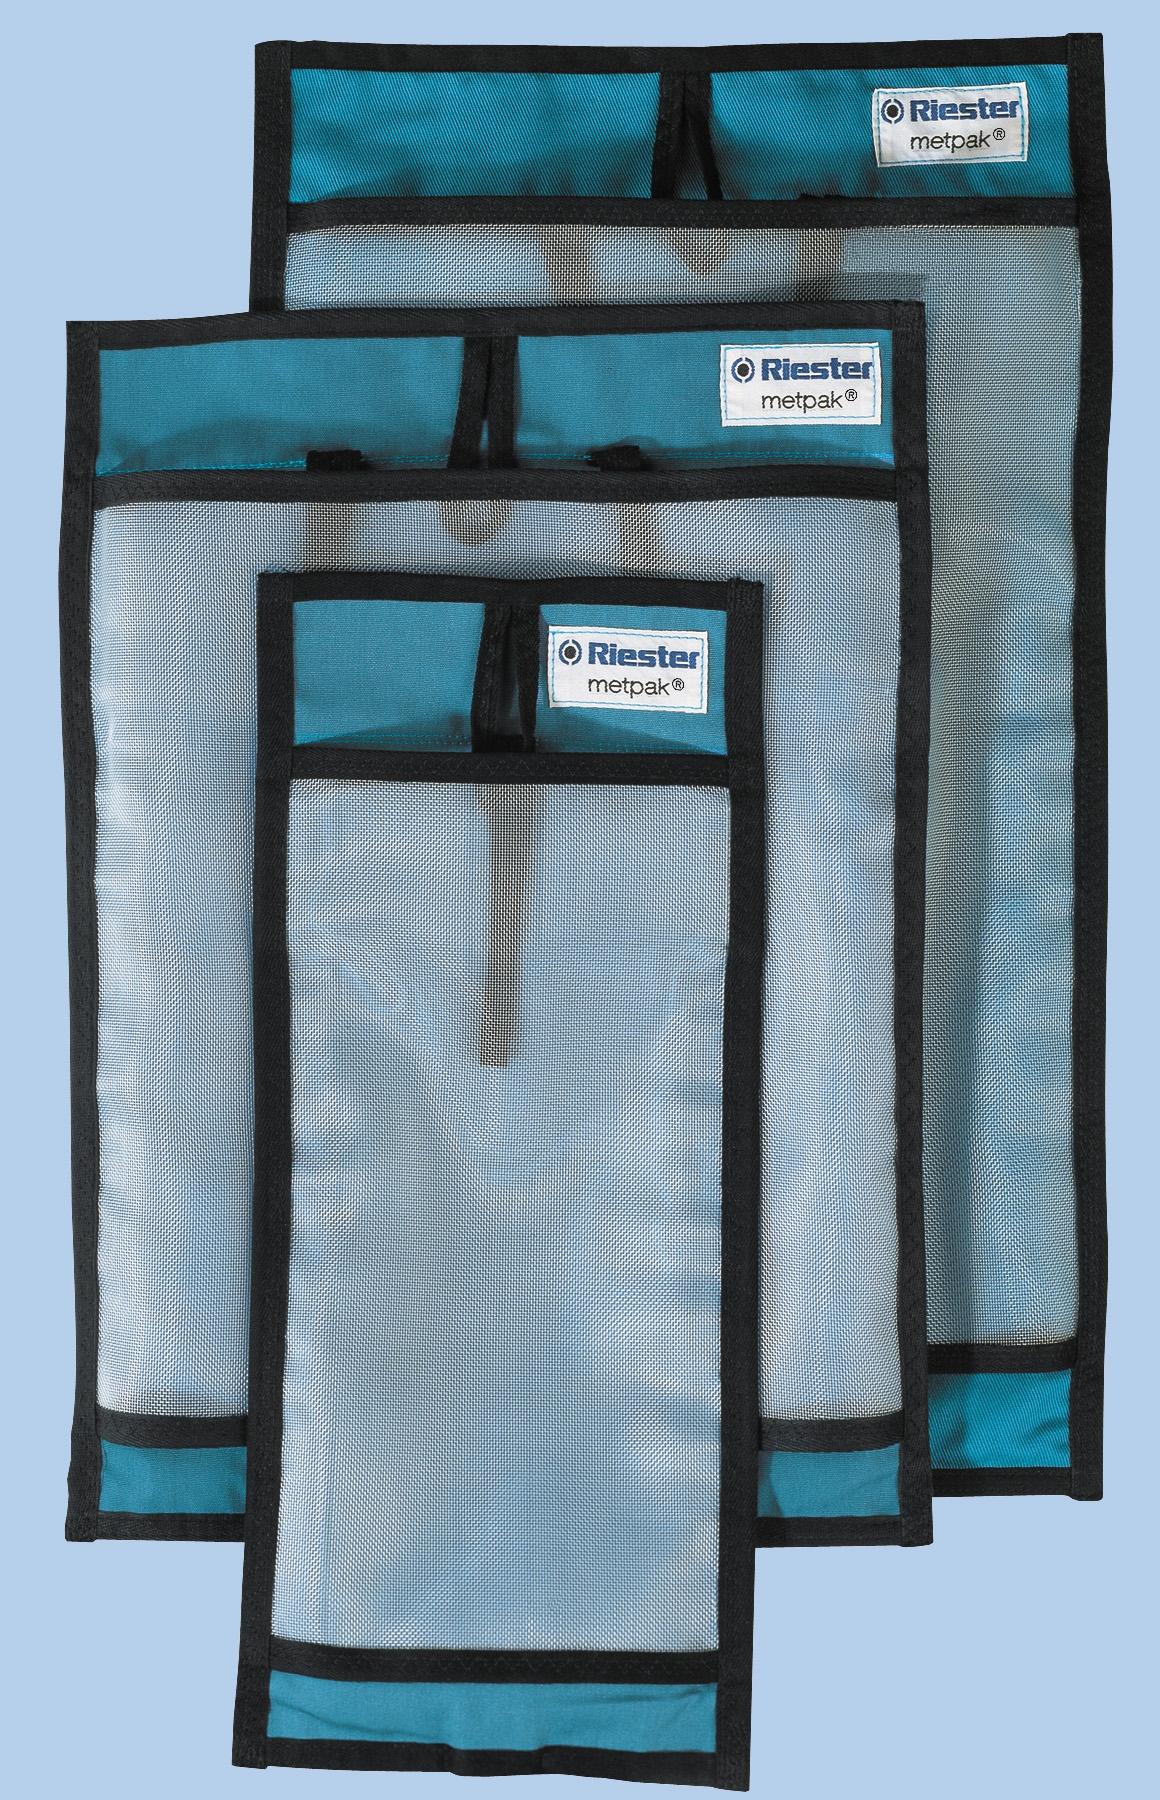 Reusable infusion bag